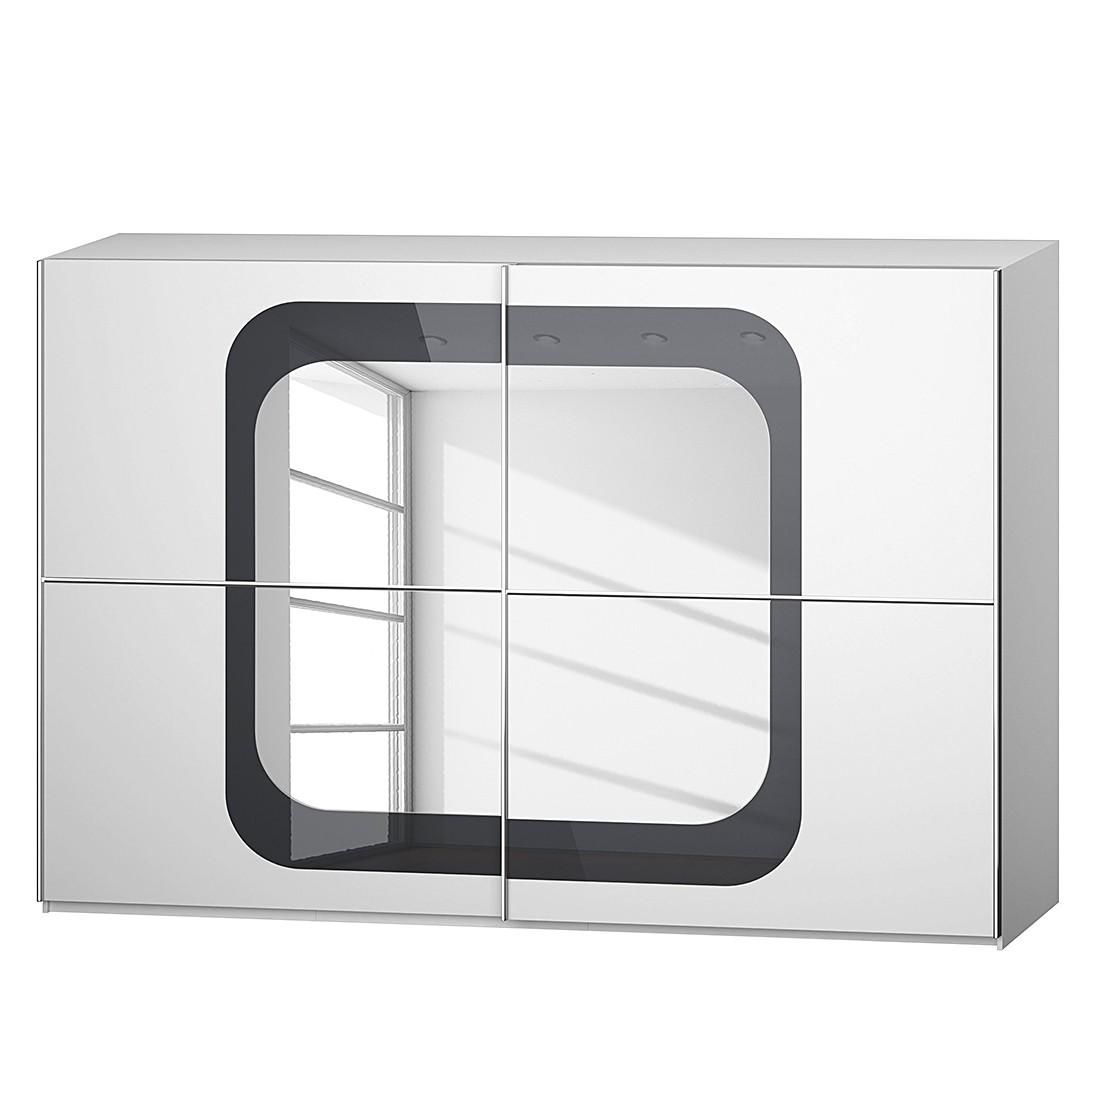 goedkoop Schuifdeurkast Lumos Alpinewit basaltkleurig glas 316cm 2 deurs 223cm Rauch Dialog